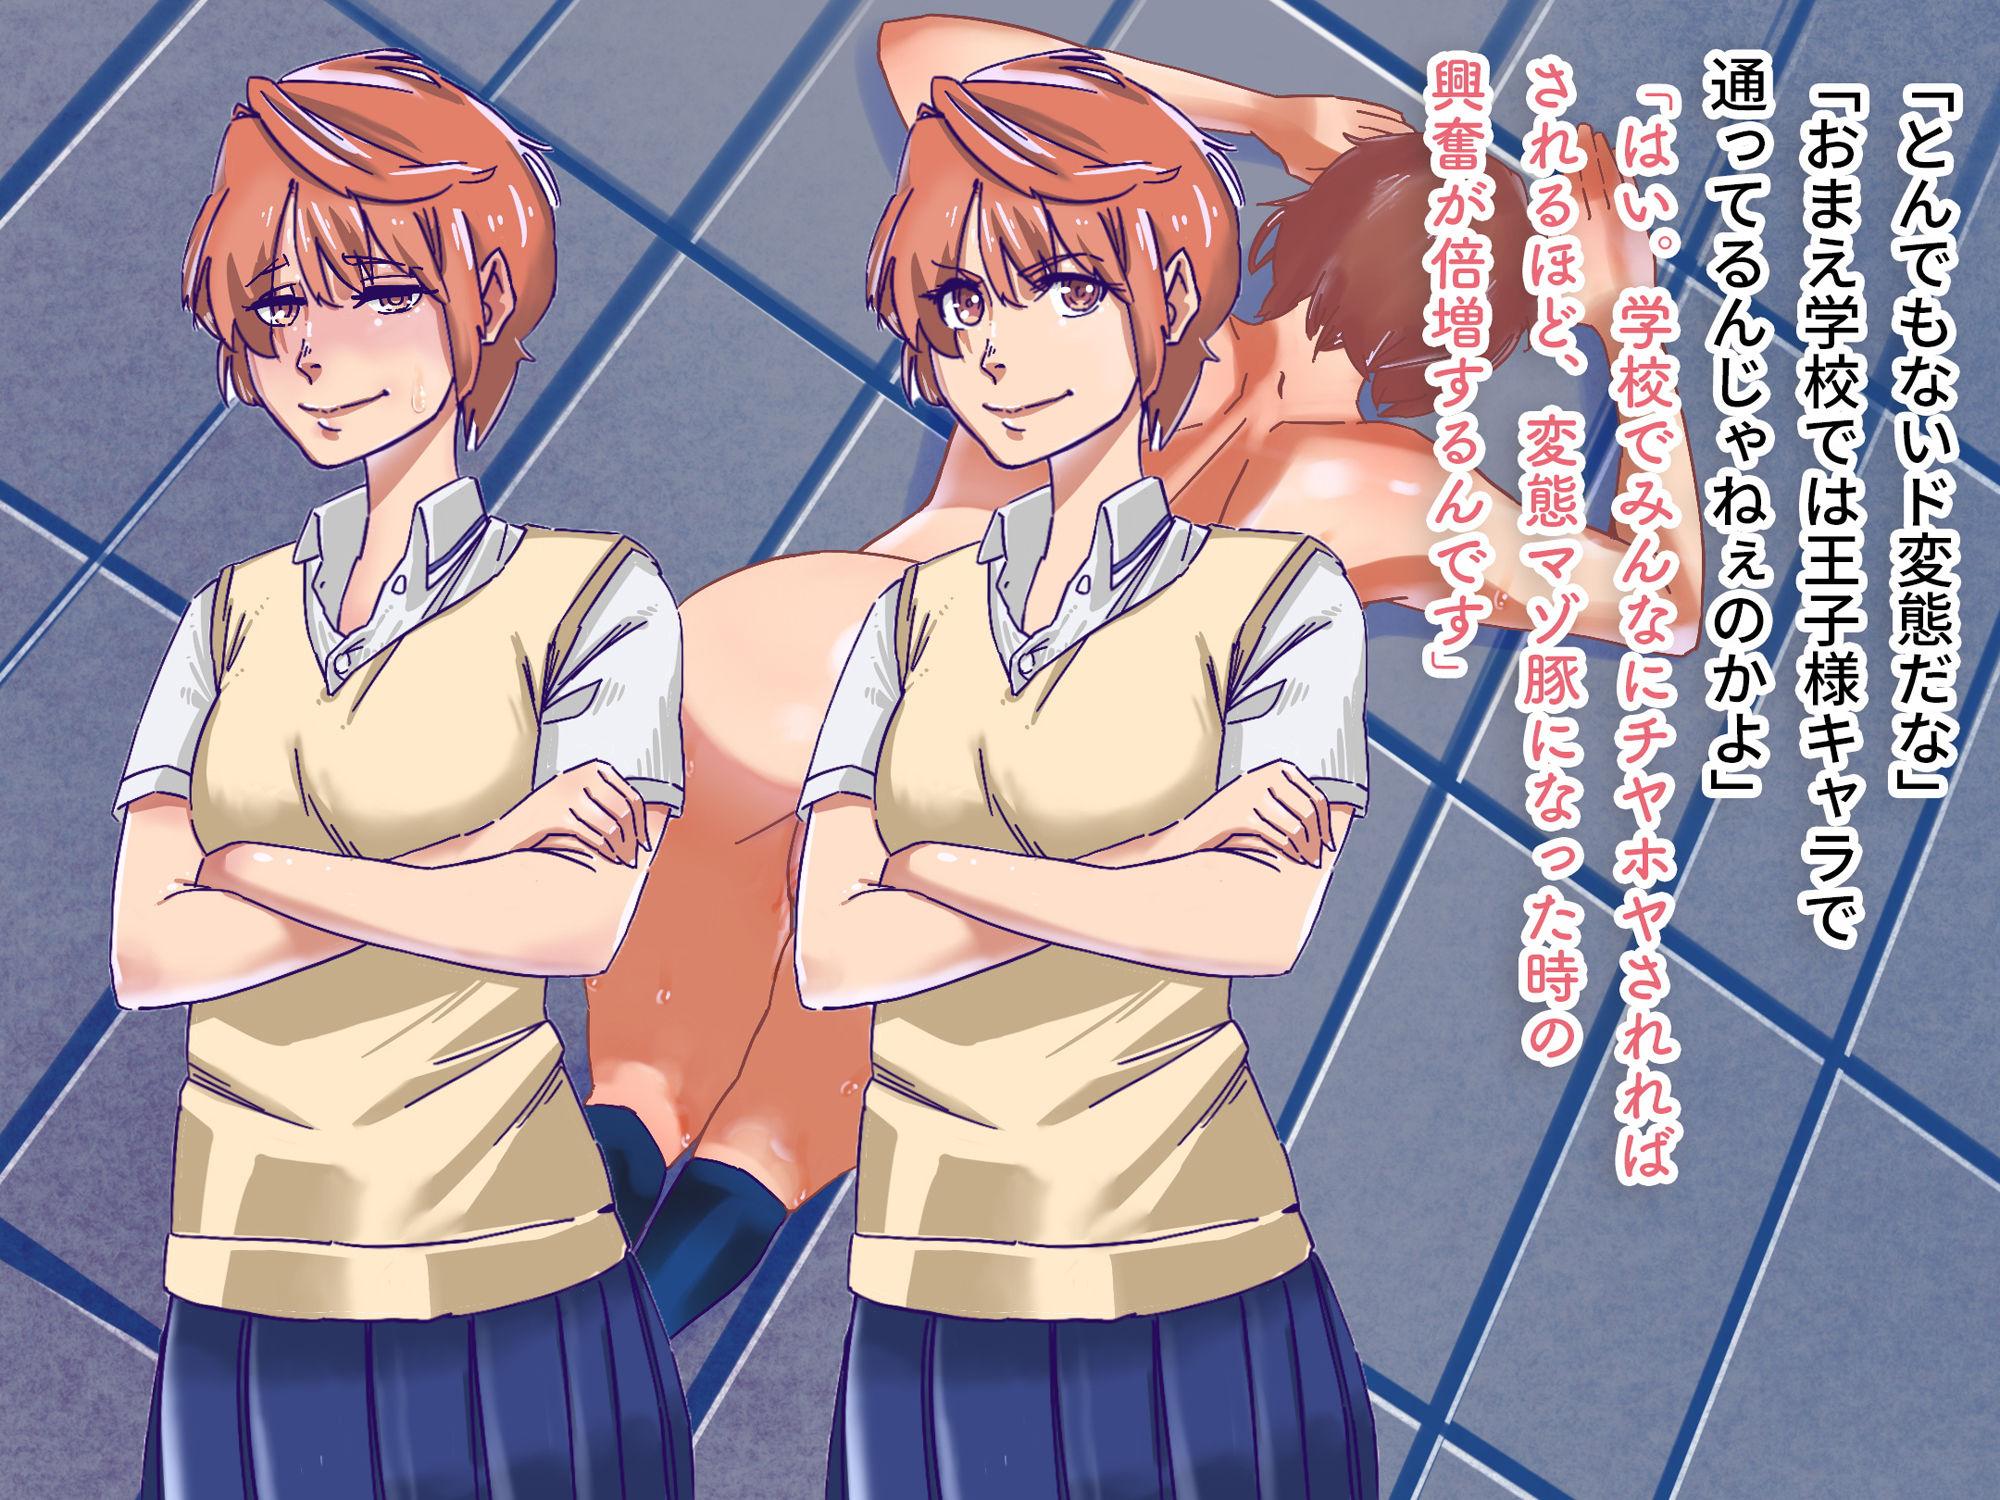 女子陸上部主将はド変態マゾメス犬に調教されました!!のサンプル画像6